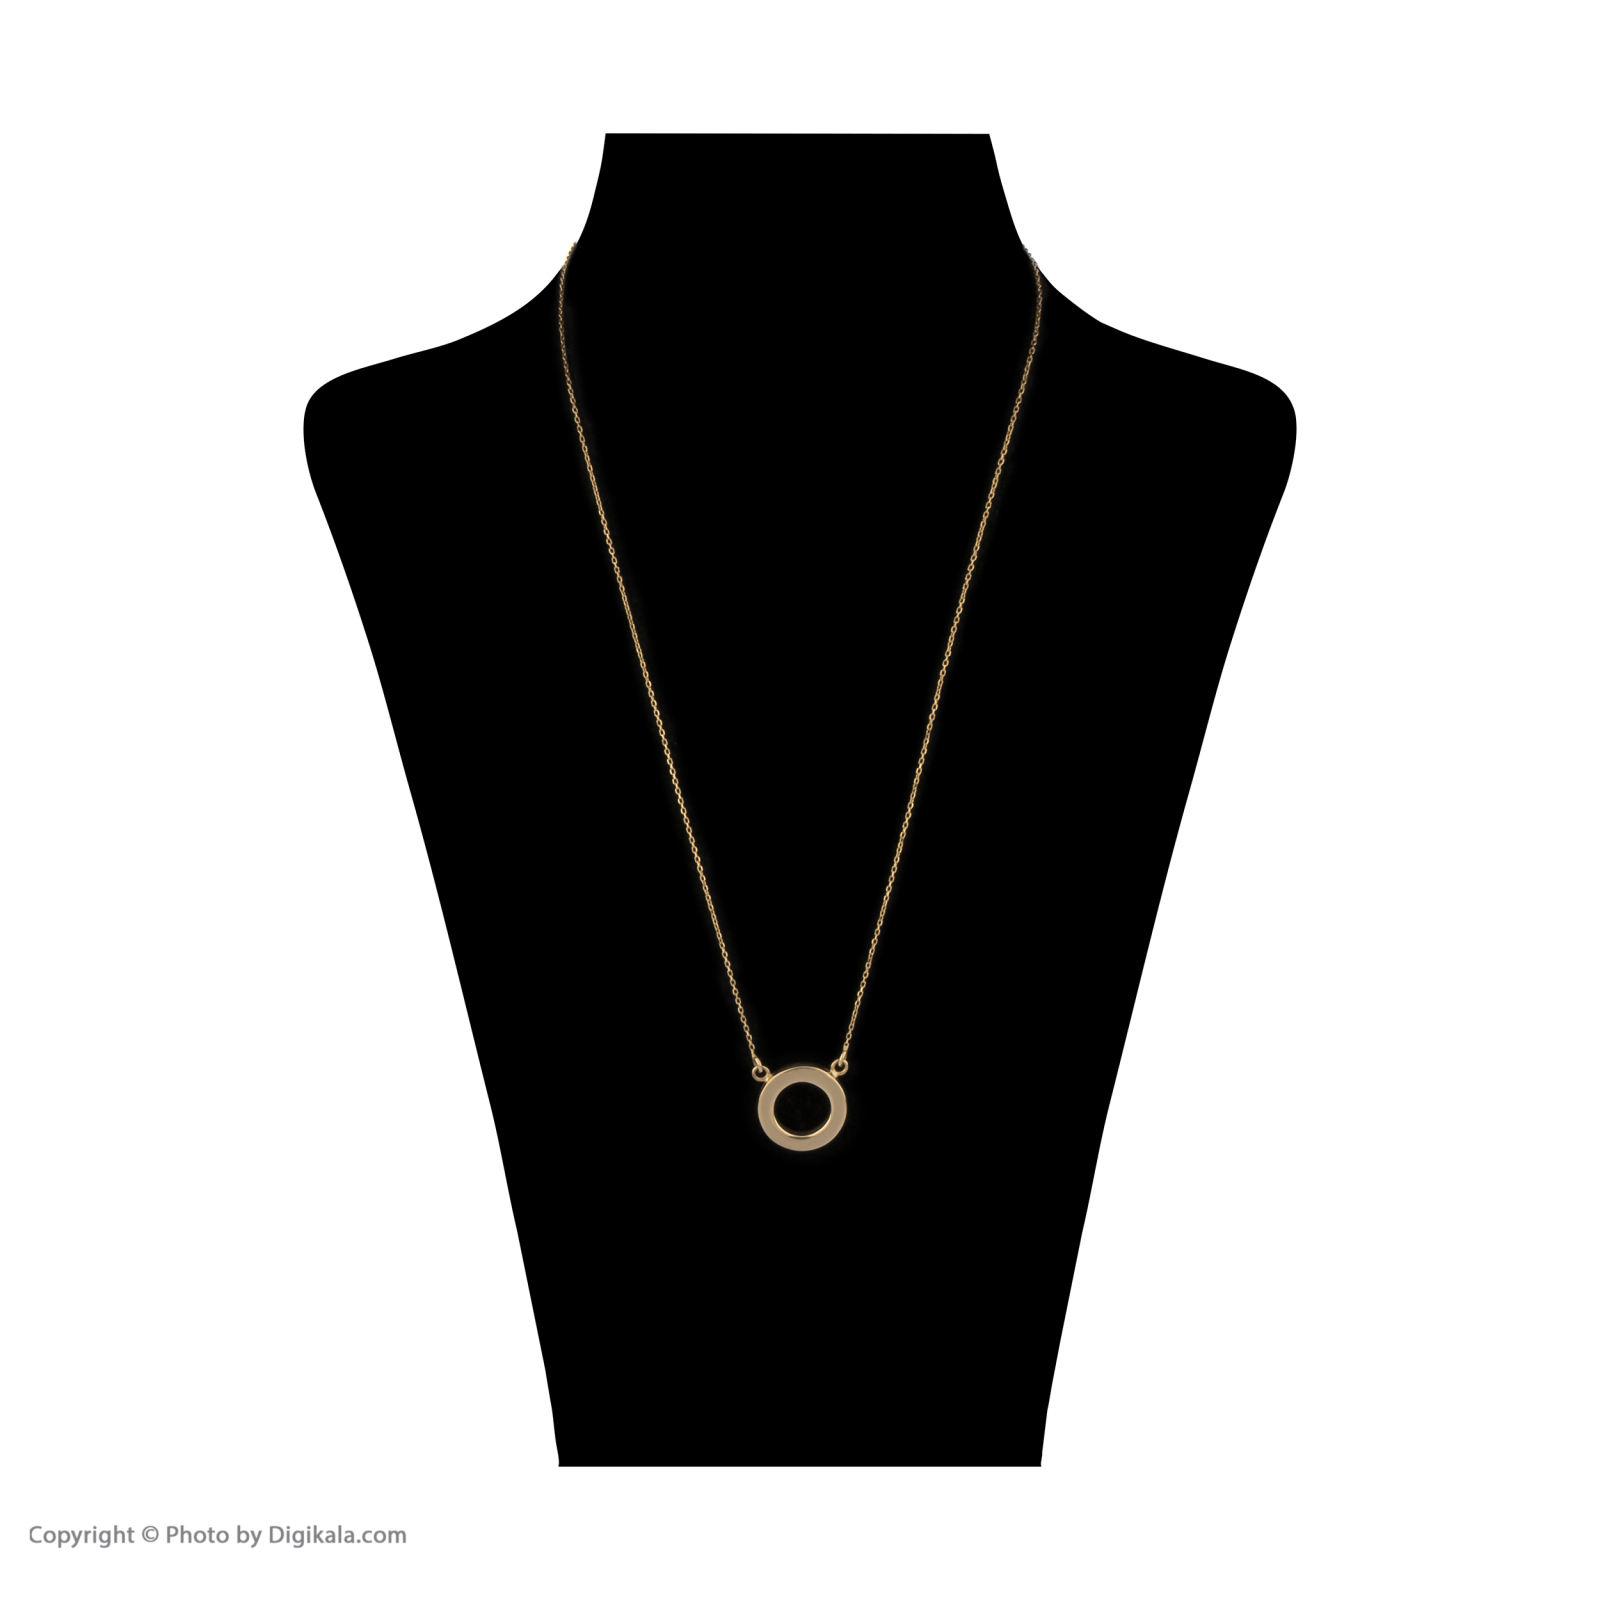 گردنبند طلا 18 عیار زنانه سنجاق مدل X052323 -  - 3